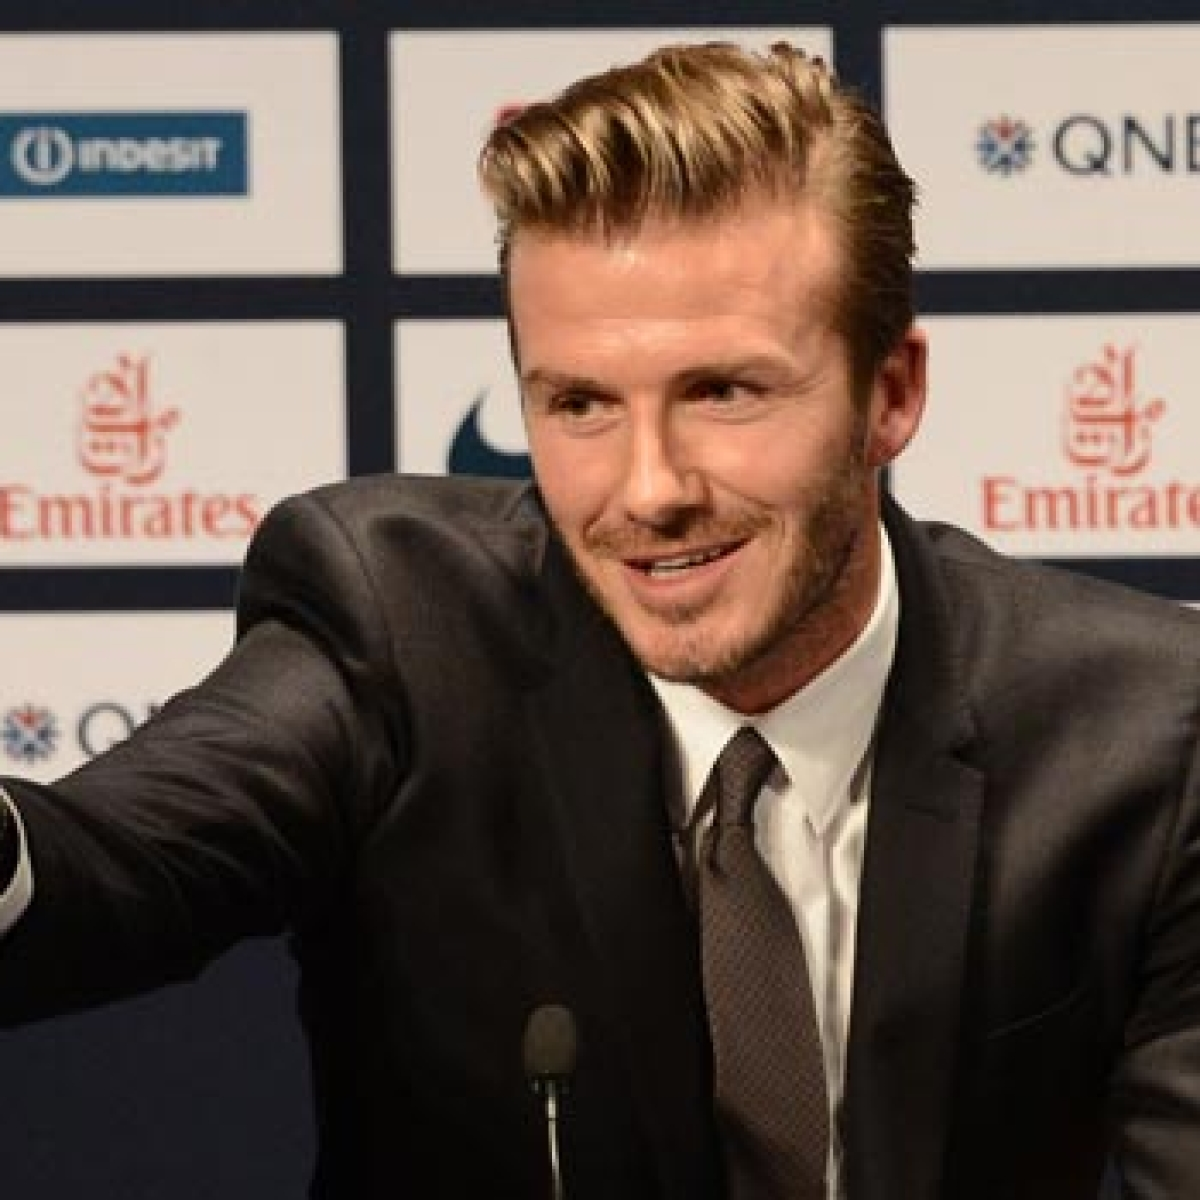 Lionel Messi or Cristiano Ronaldo? David Beckham has chosen his G.O.A.T